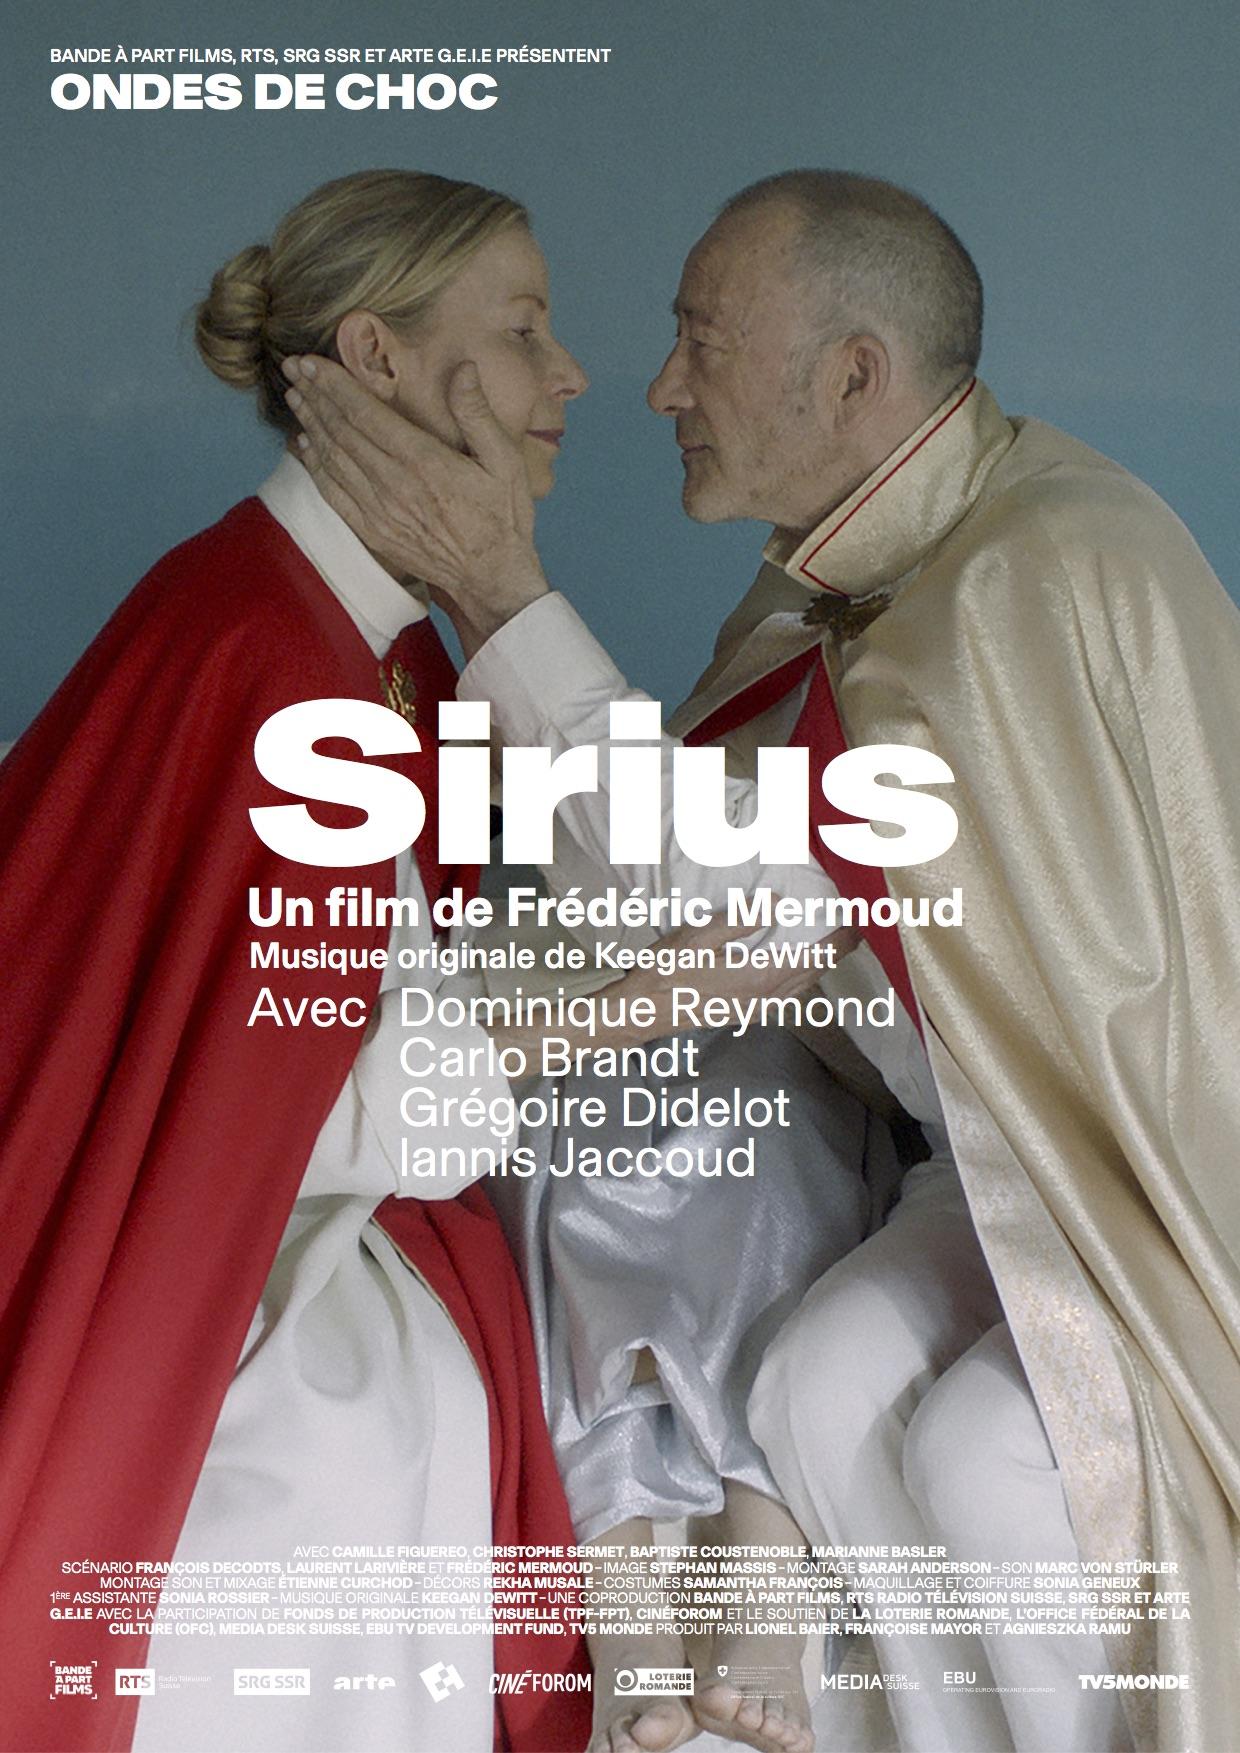 Ondes de choc [2] : Sirius